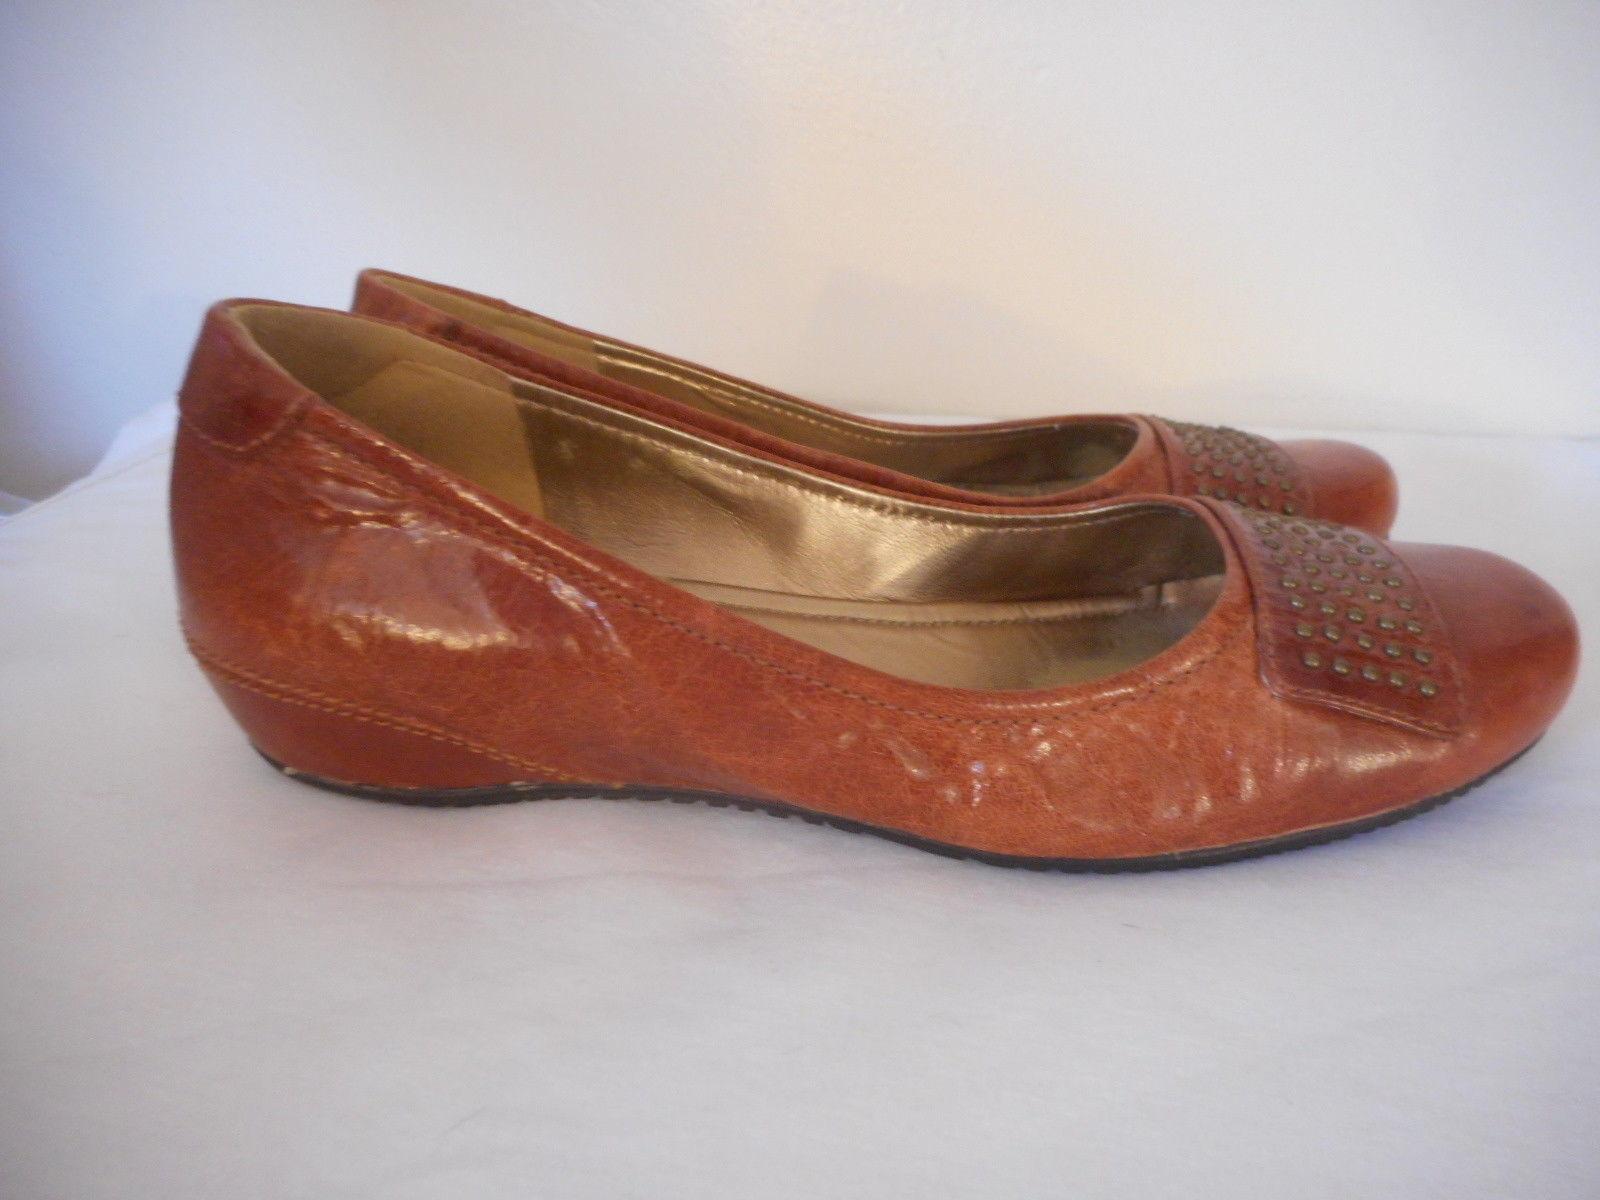 ecco Womens Leather flat Shoe 8 - 8.5  EU 39 casual Bouillion cognac